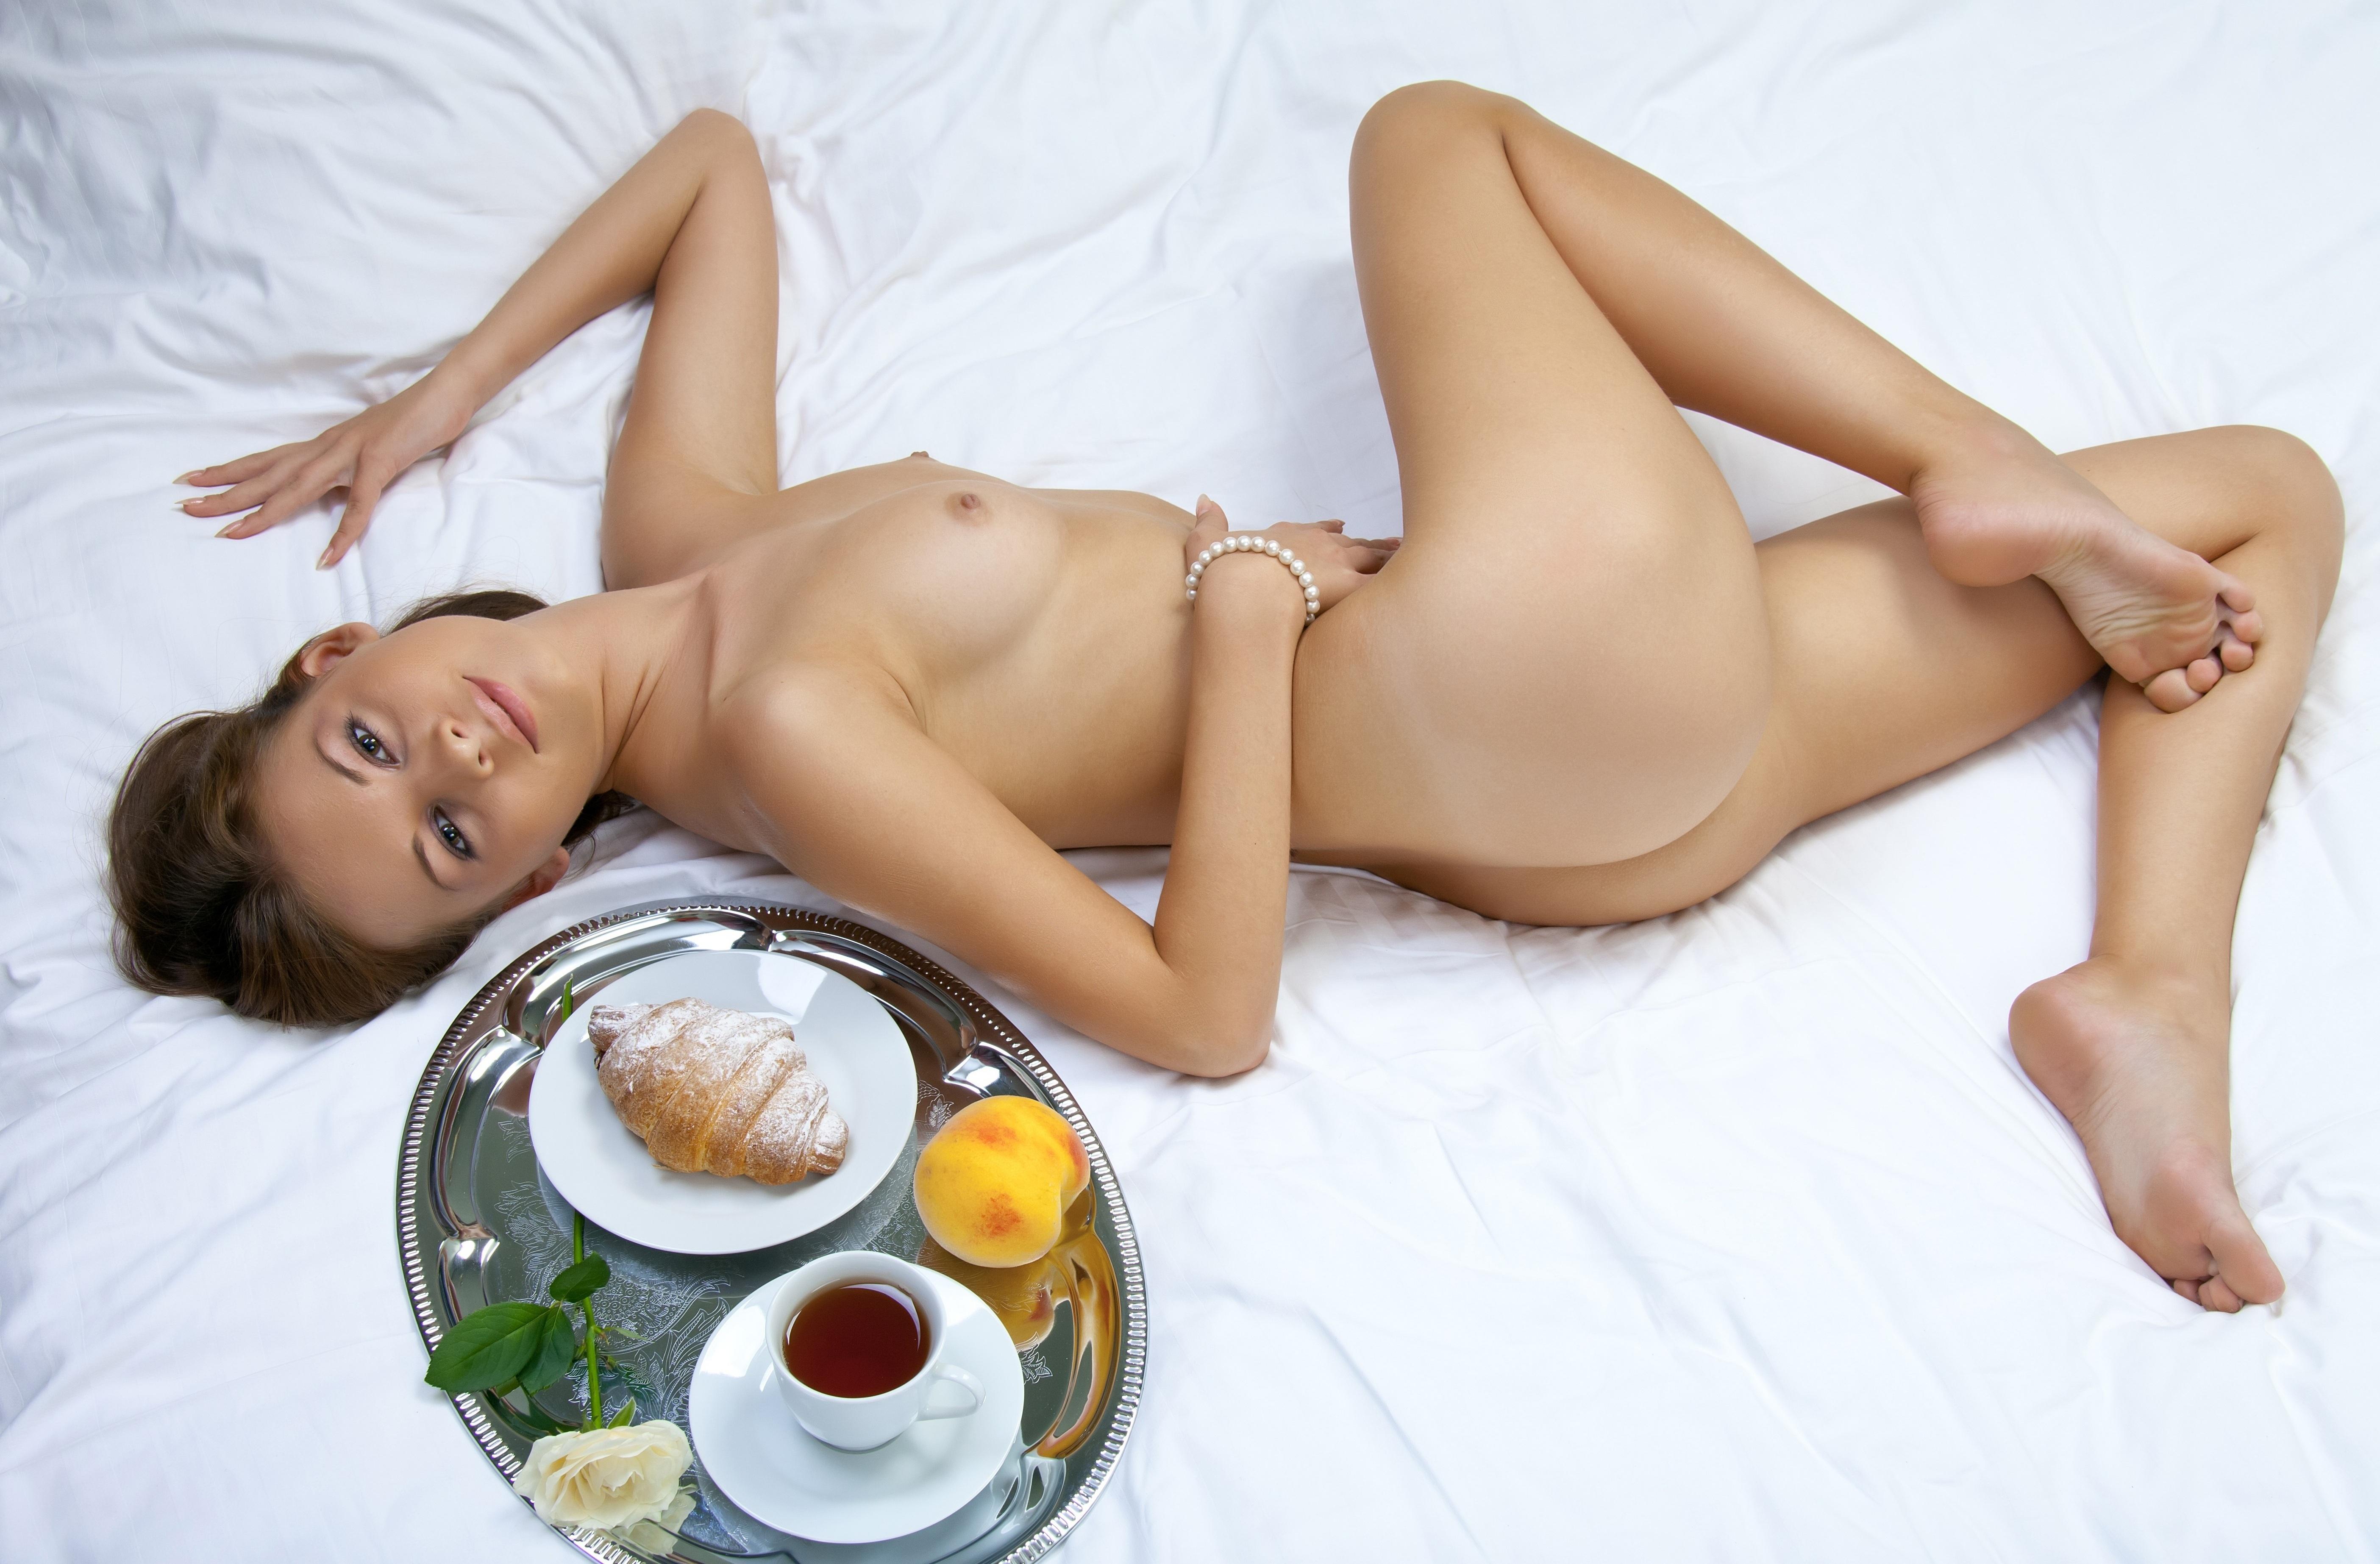 Сайт хорошего настроения эротические фото